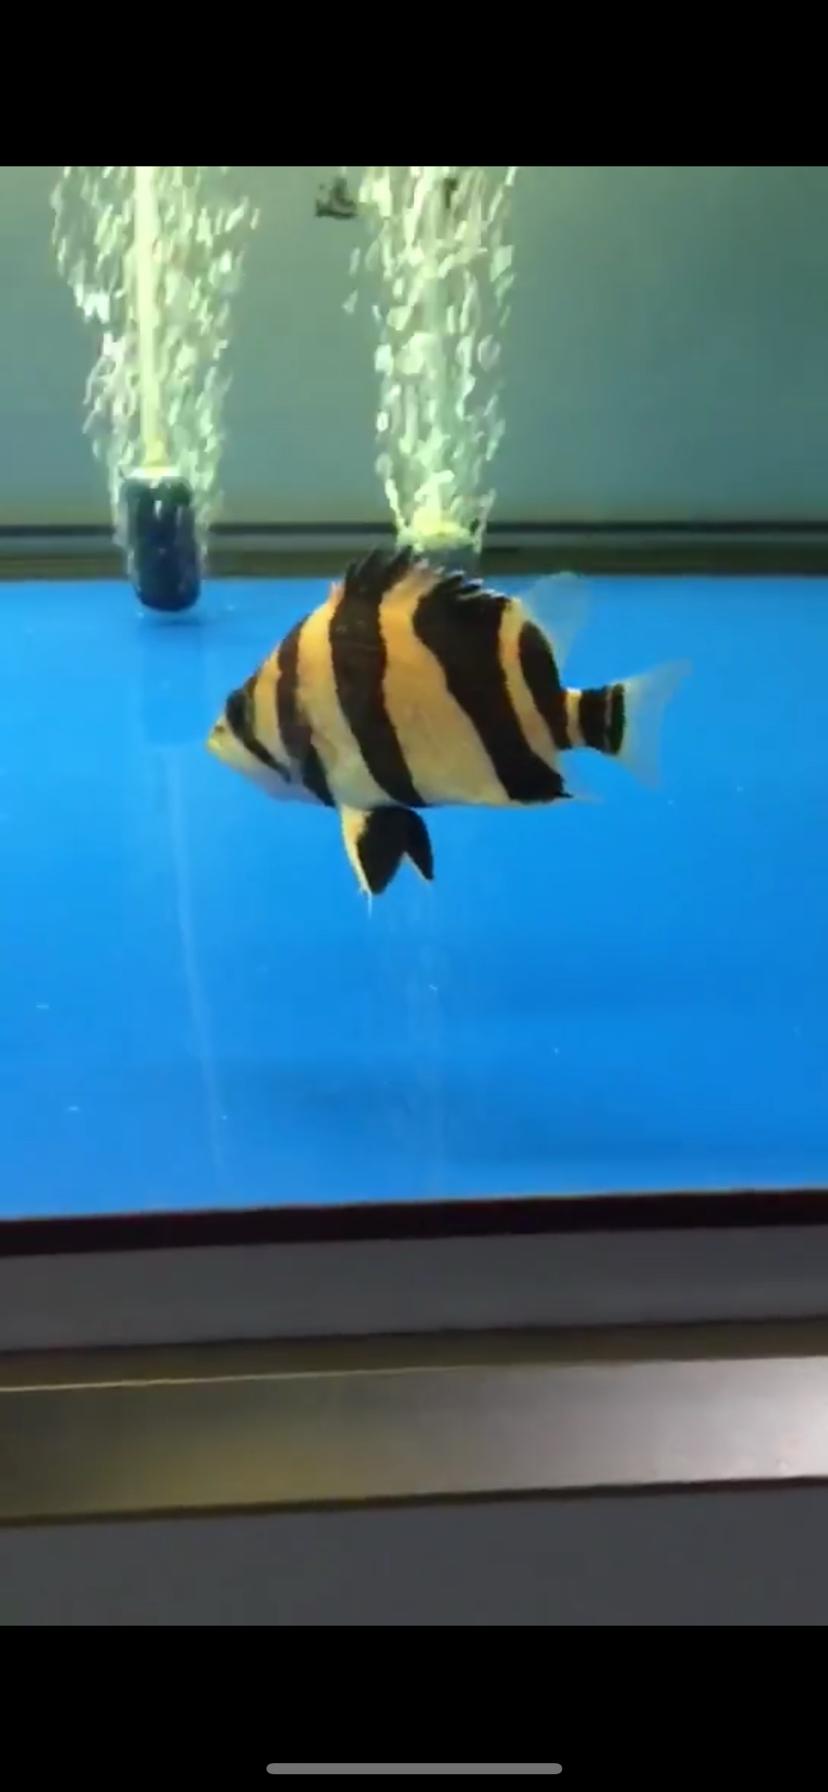 都是小鱼不是啥极品但是很喜欢 西安观赏鱼信息 西安博特第2张